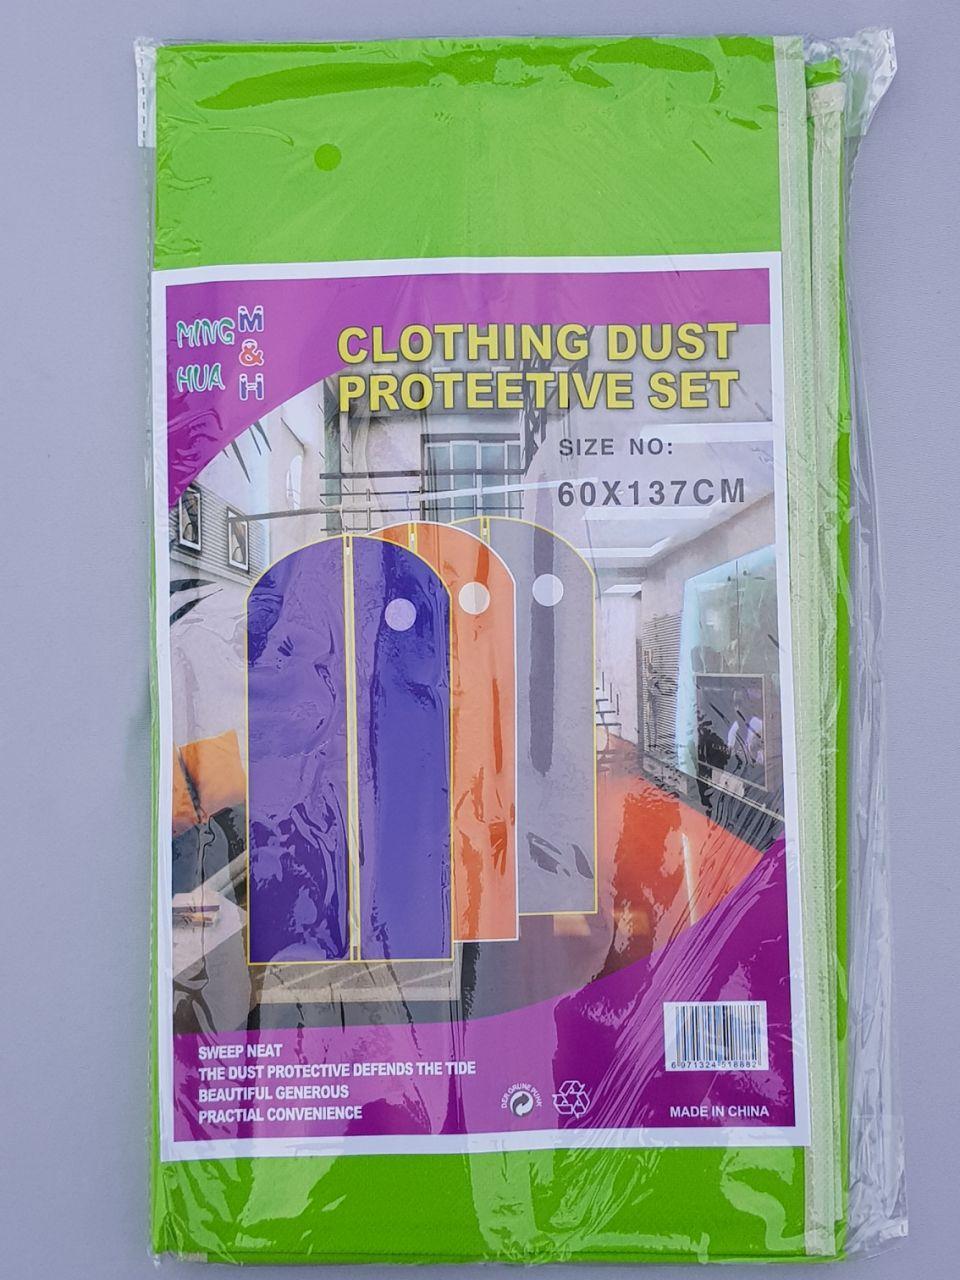 Чехол для хранения одежды флизелиновый на молнии салатового цвета, размер 60*137 см